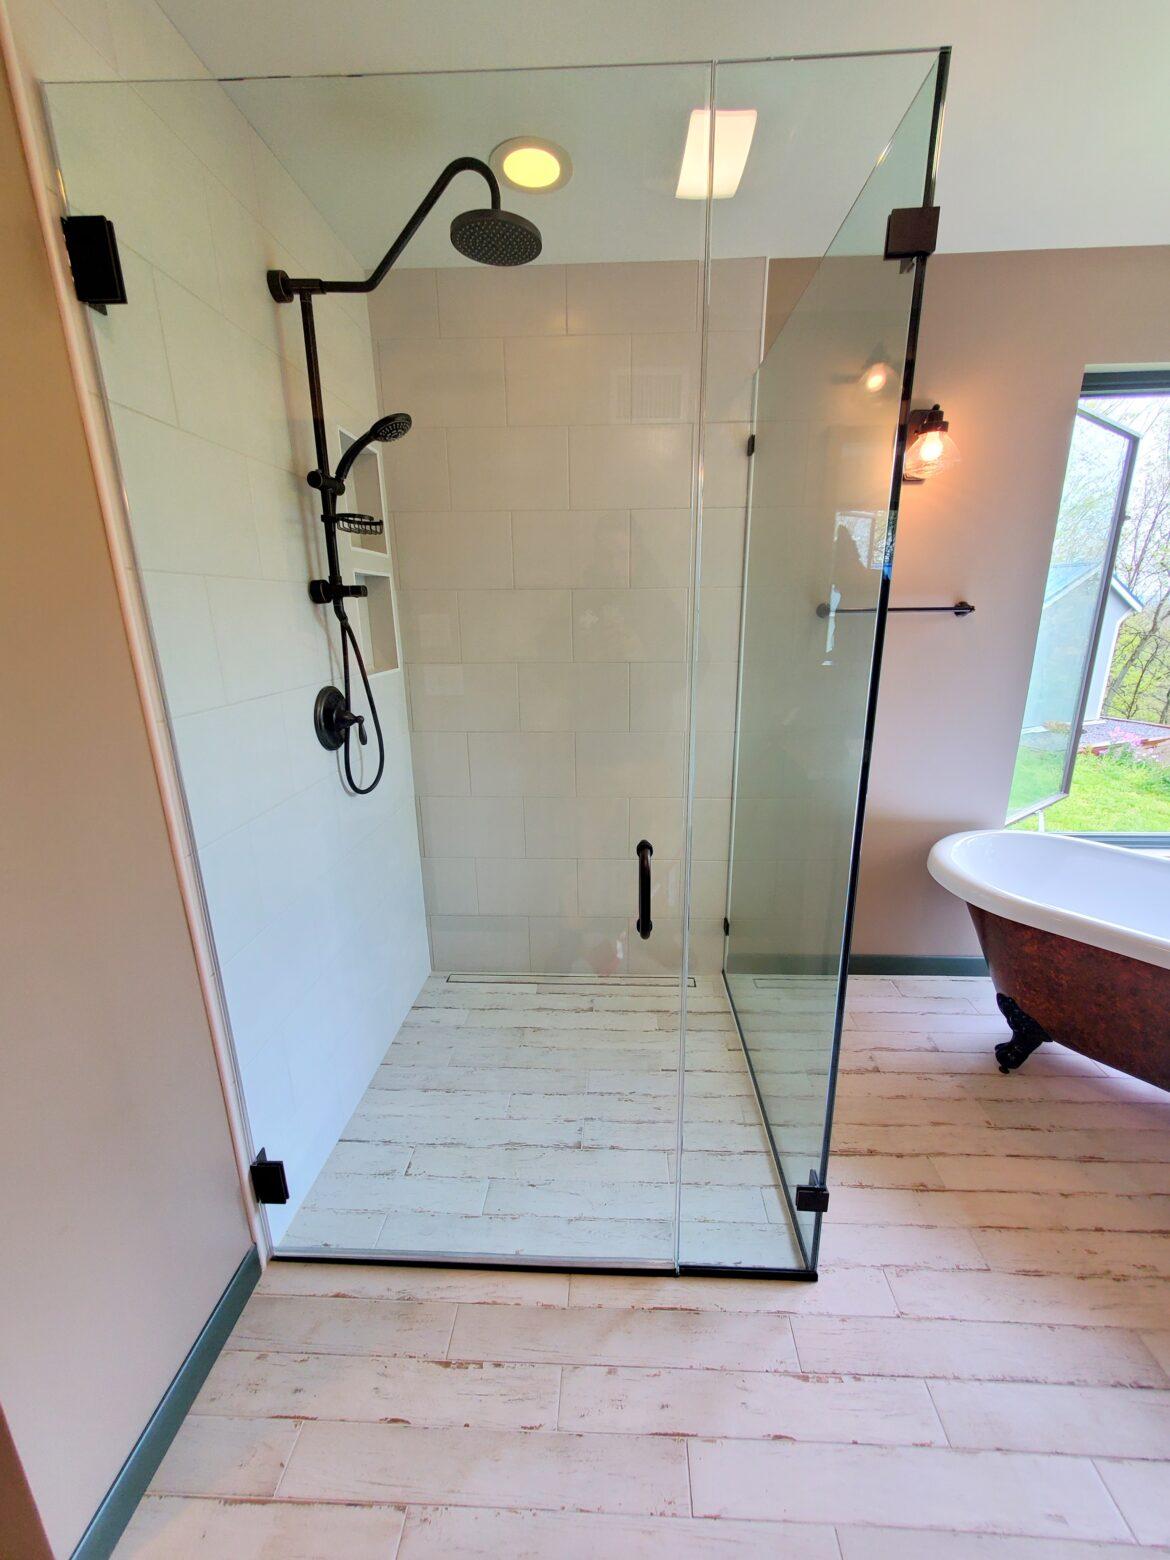 Wet Room Shower Doors in Martinsburg, WV